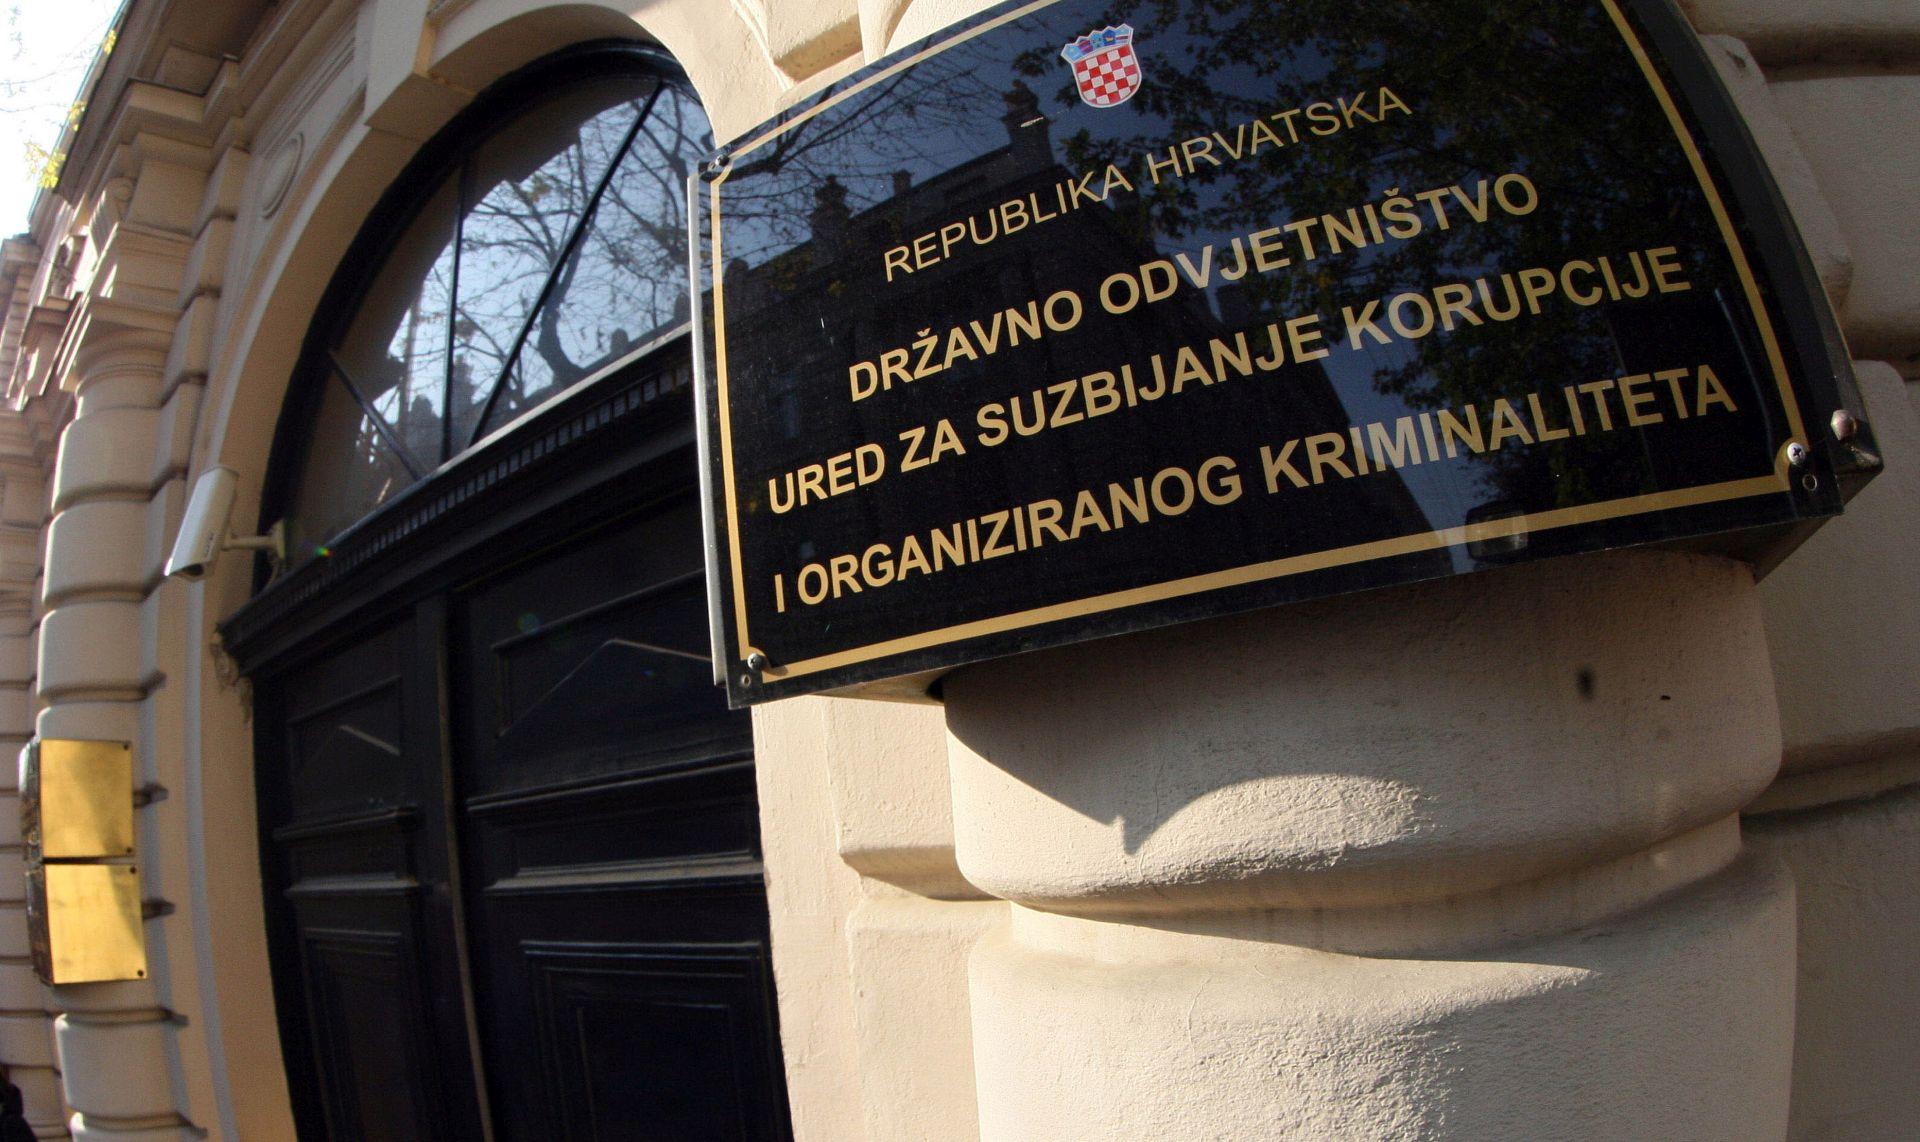 USKOK Podignuta optužnica protiv Šostara i još devet osoba